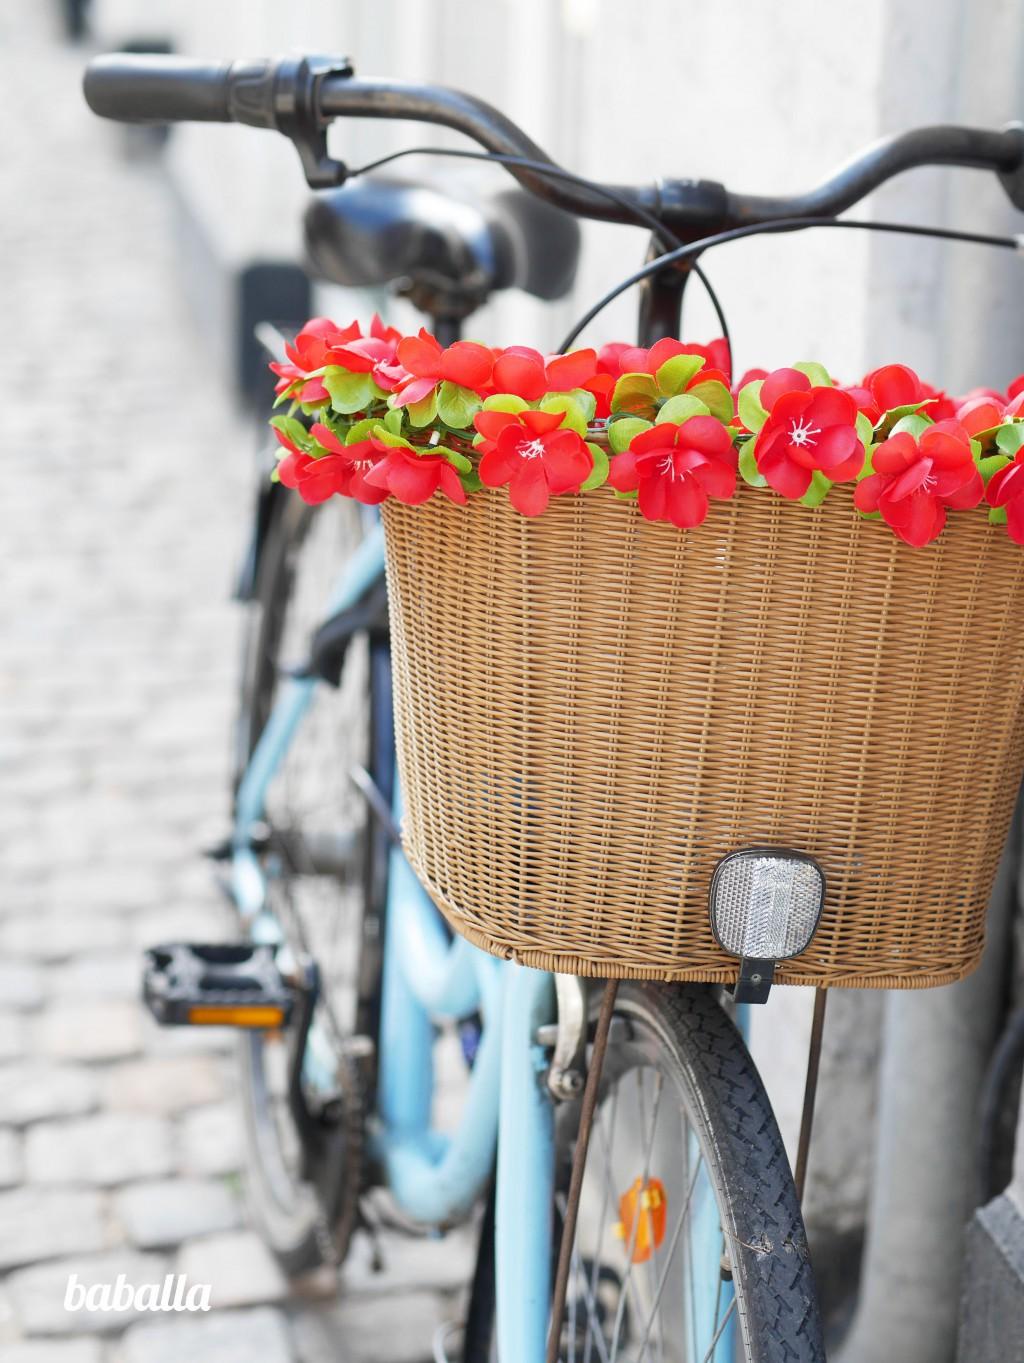 bici_copenhague Copenhague con niños baballa